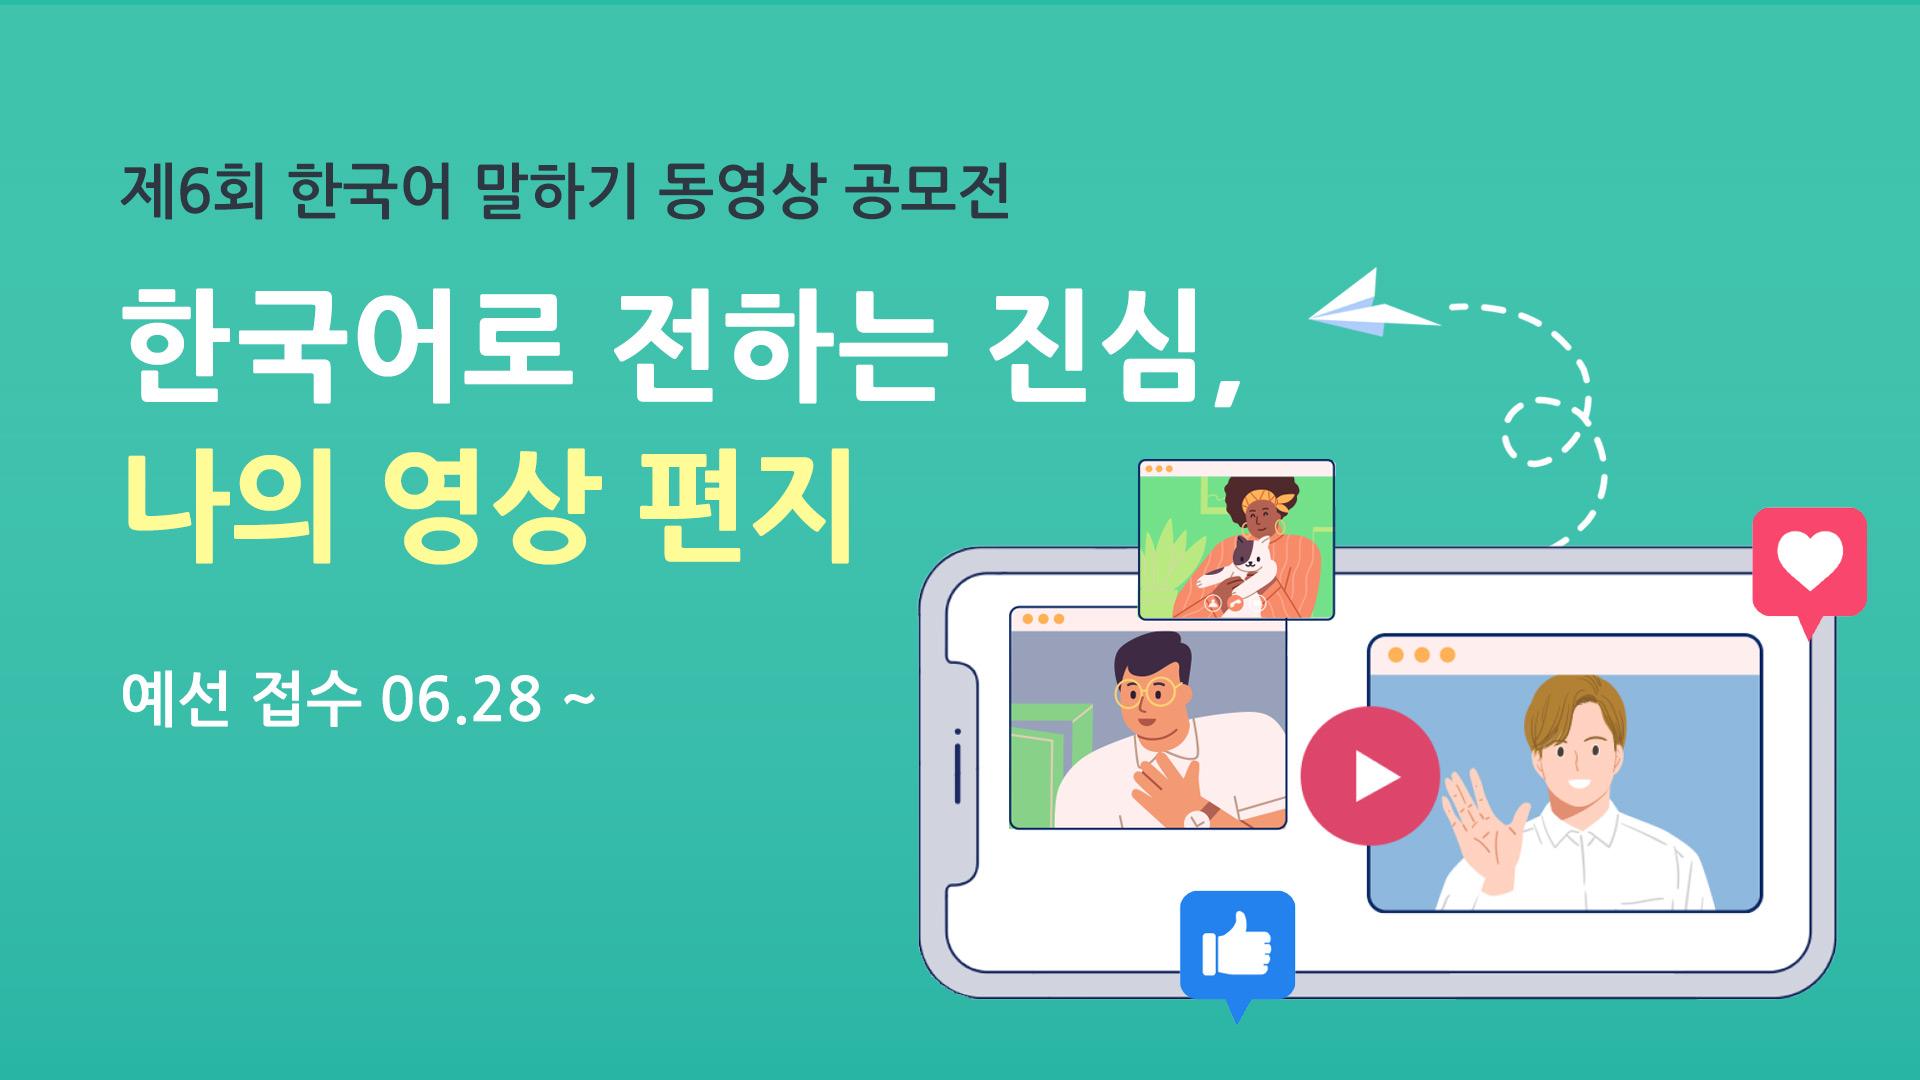 제6회 한국어 말하기 동영상 공모전